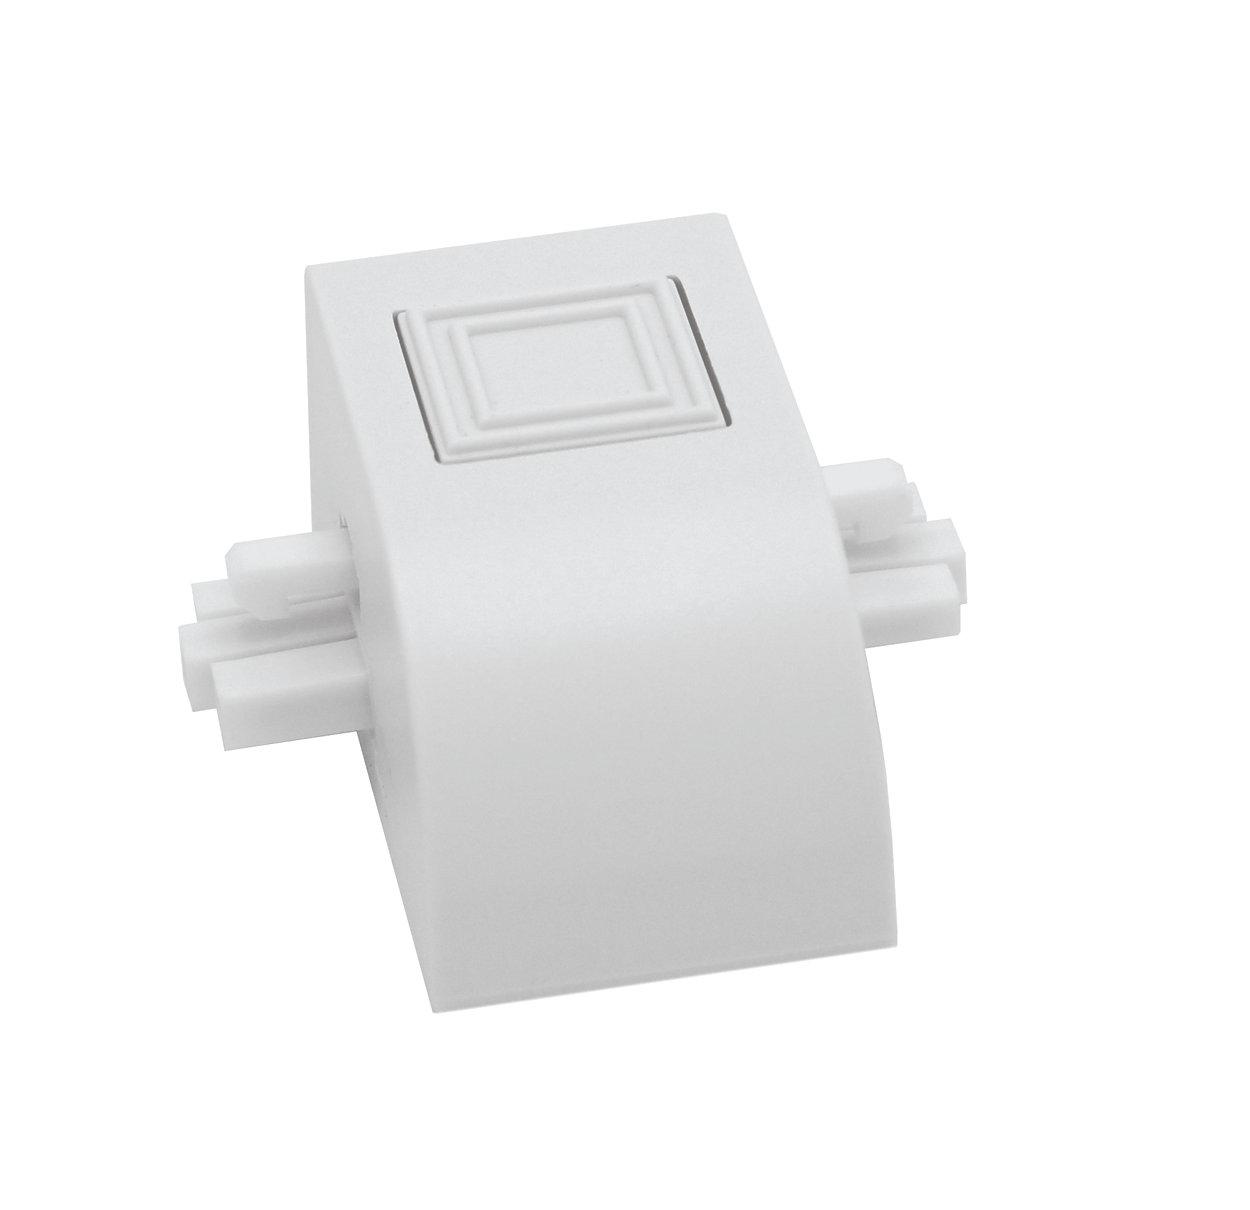 eW Profile Powercore – LED-armatur med vitt ljus med mycket låg profil för montering under skåp